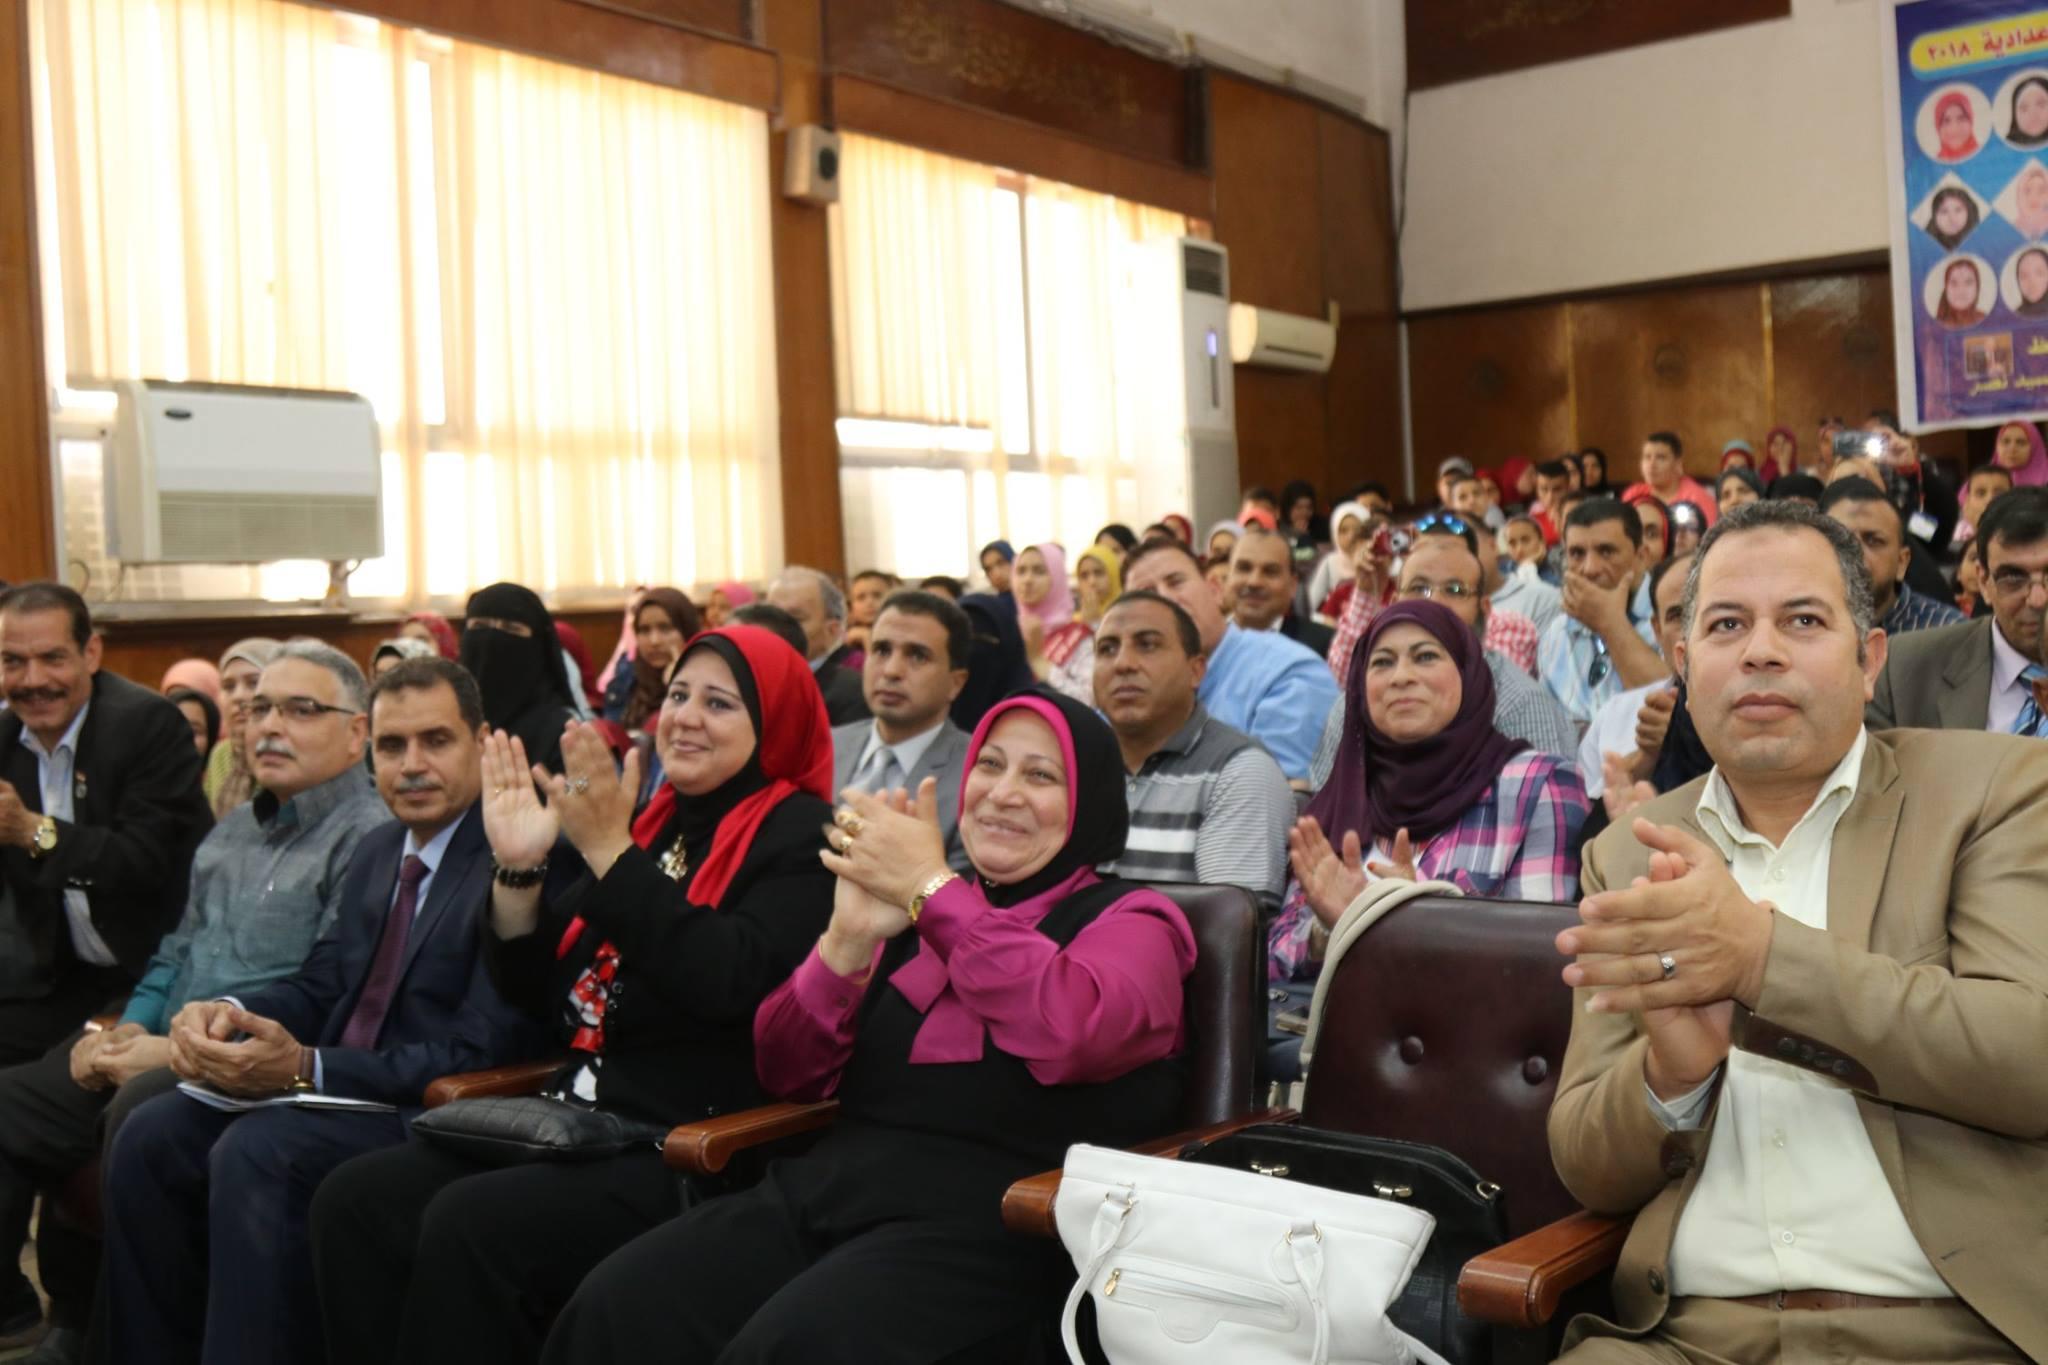 217104 6 جانب من الحضور اثناء التكريم - نتيجة الشهادة الإعدادية 2018 الترم الثاني برقم الجلوس كل محافظات مصر – روابط إعلان النتيجة بمديرية التربية والتعليم بجميع المحافظات